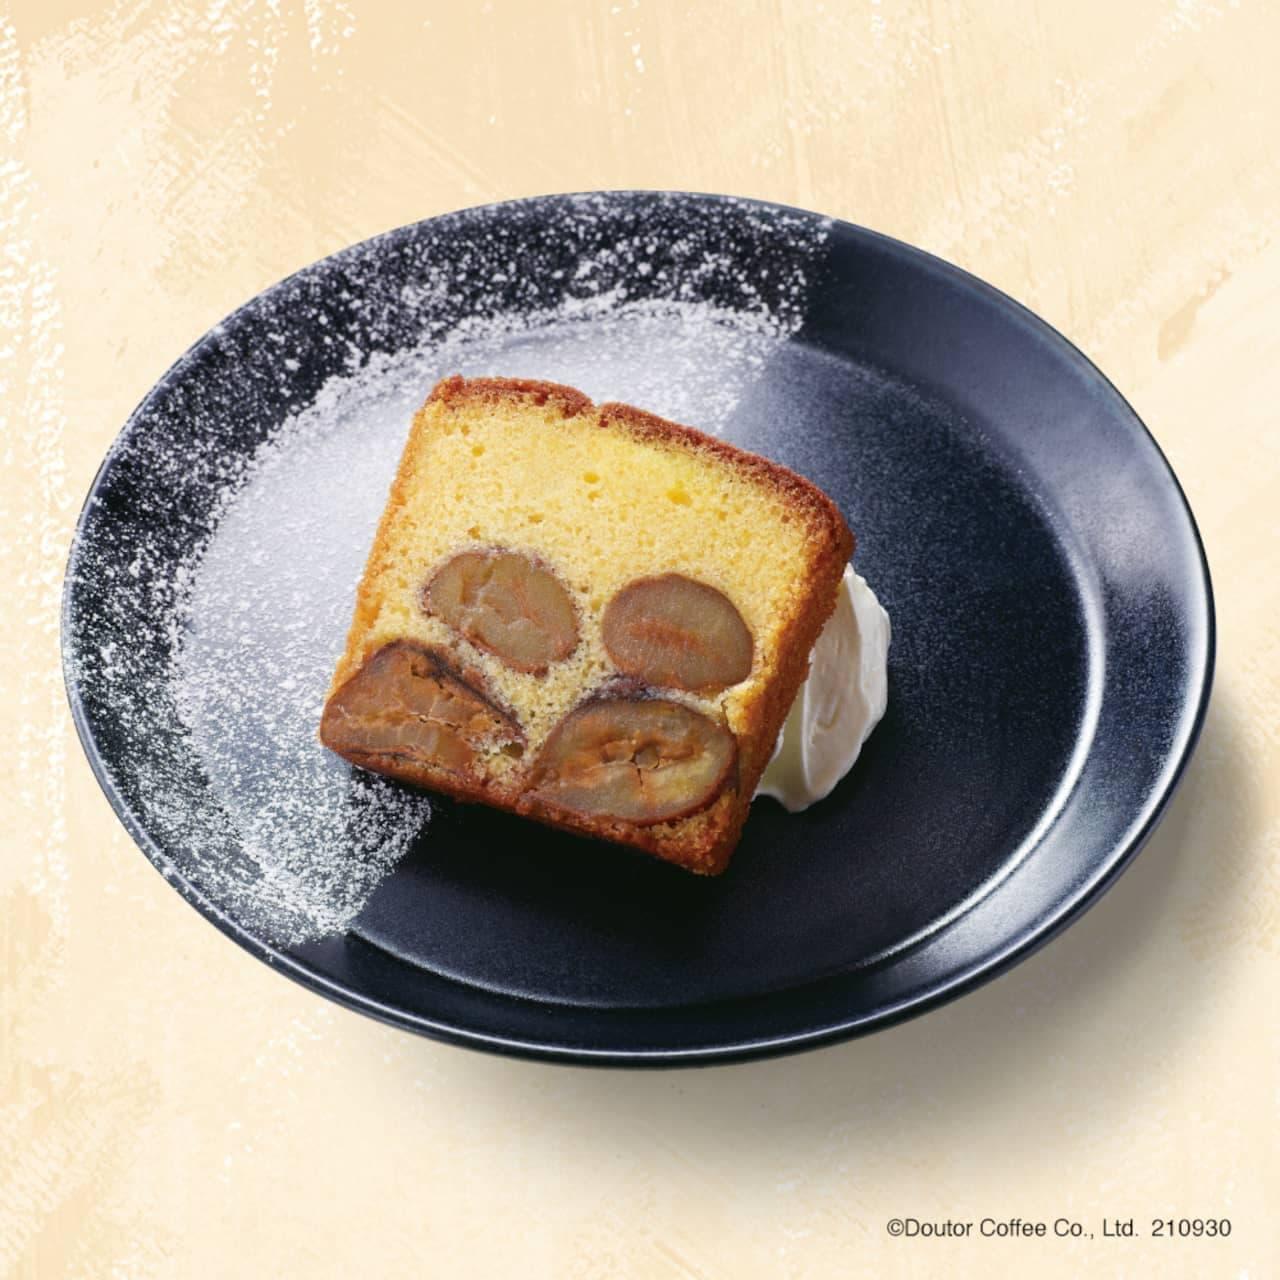 エクセルシオール カフェ「ブランデー香る ごろっと栗の大人のテリーヌ」